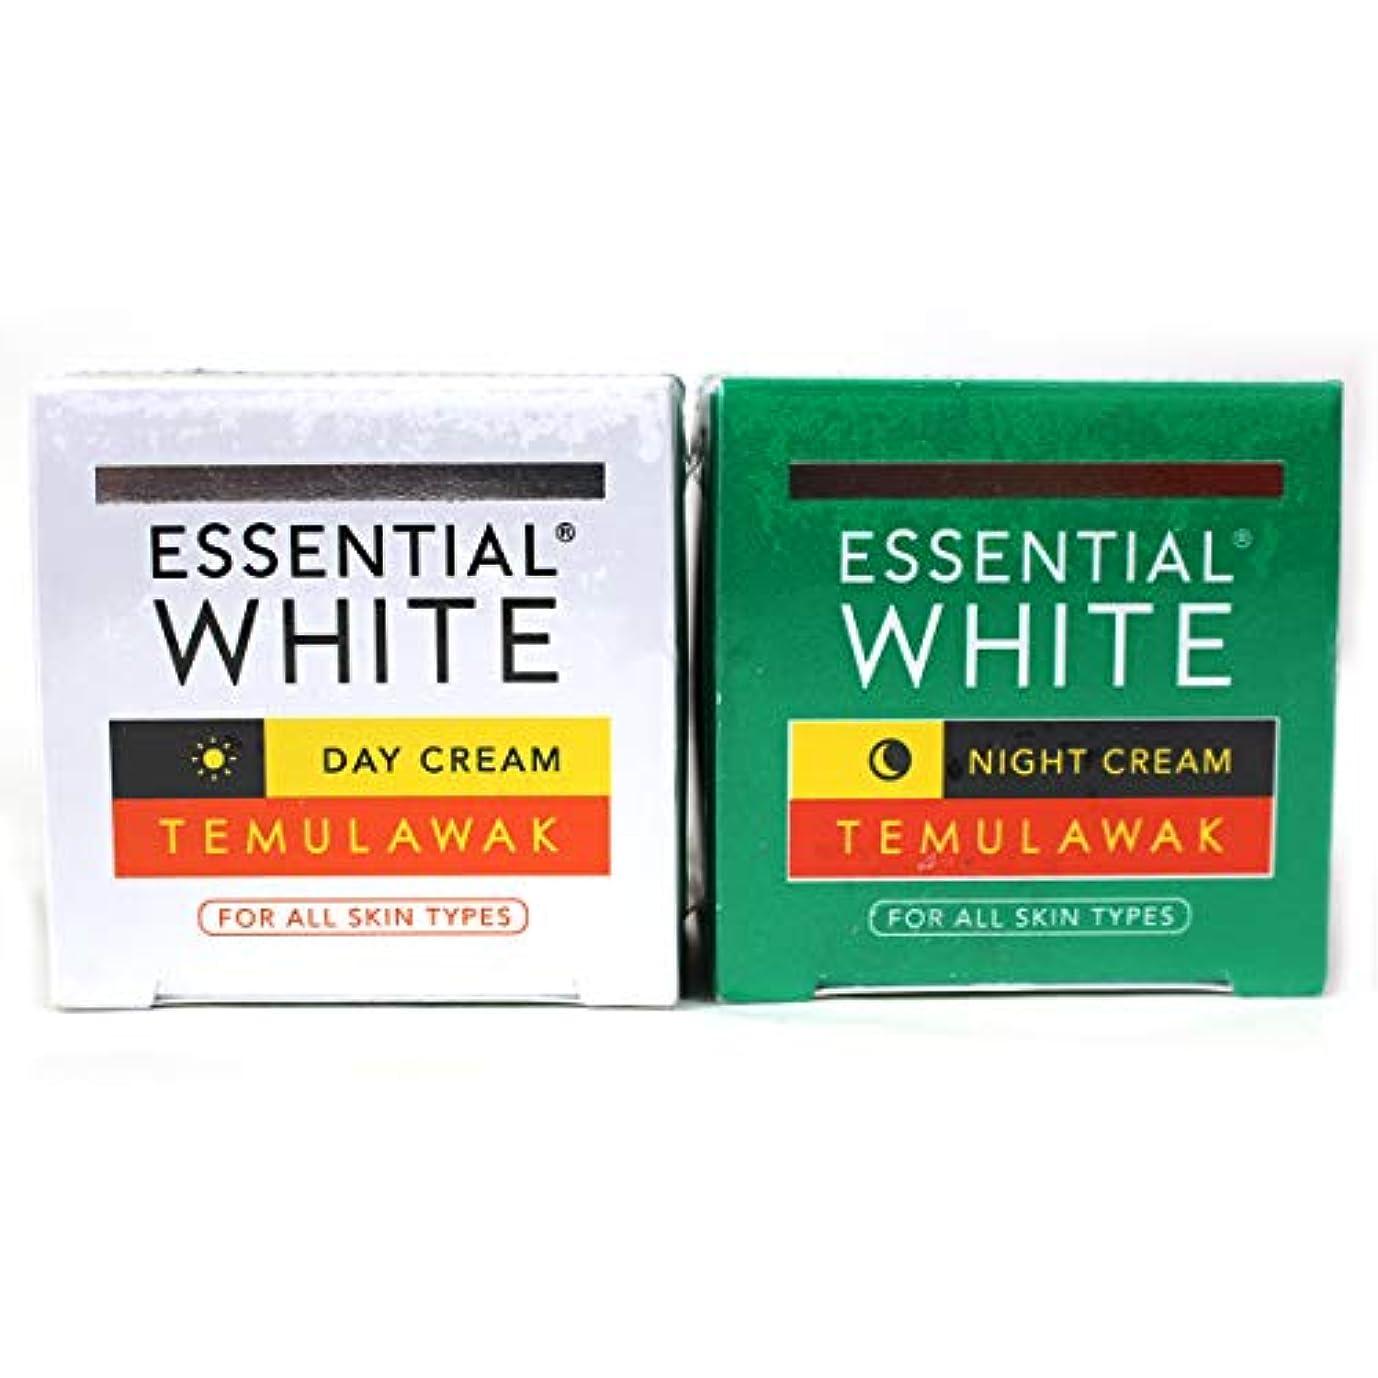 のりドレインコストギジ gizi Essential White フェイスクリーム ボトルタイプ 日中用&ナイト用セット 9g ×2個 テムラワク ウコン など天然成分配合 [海外直送品]